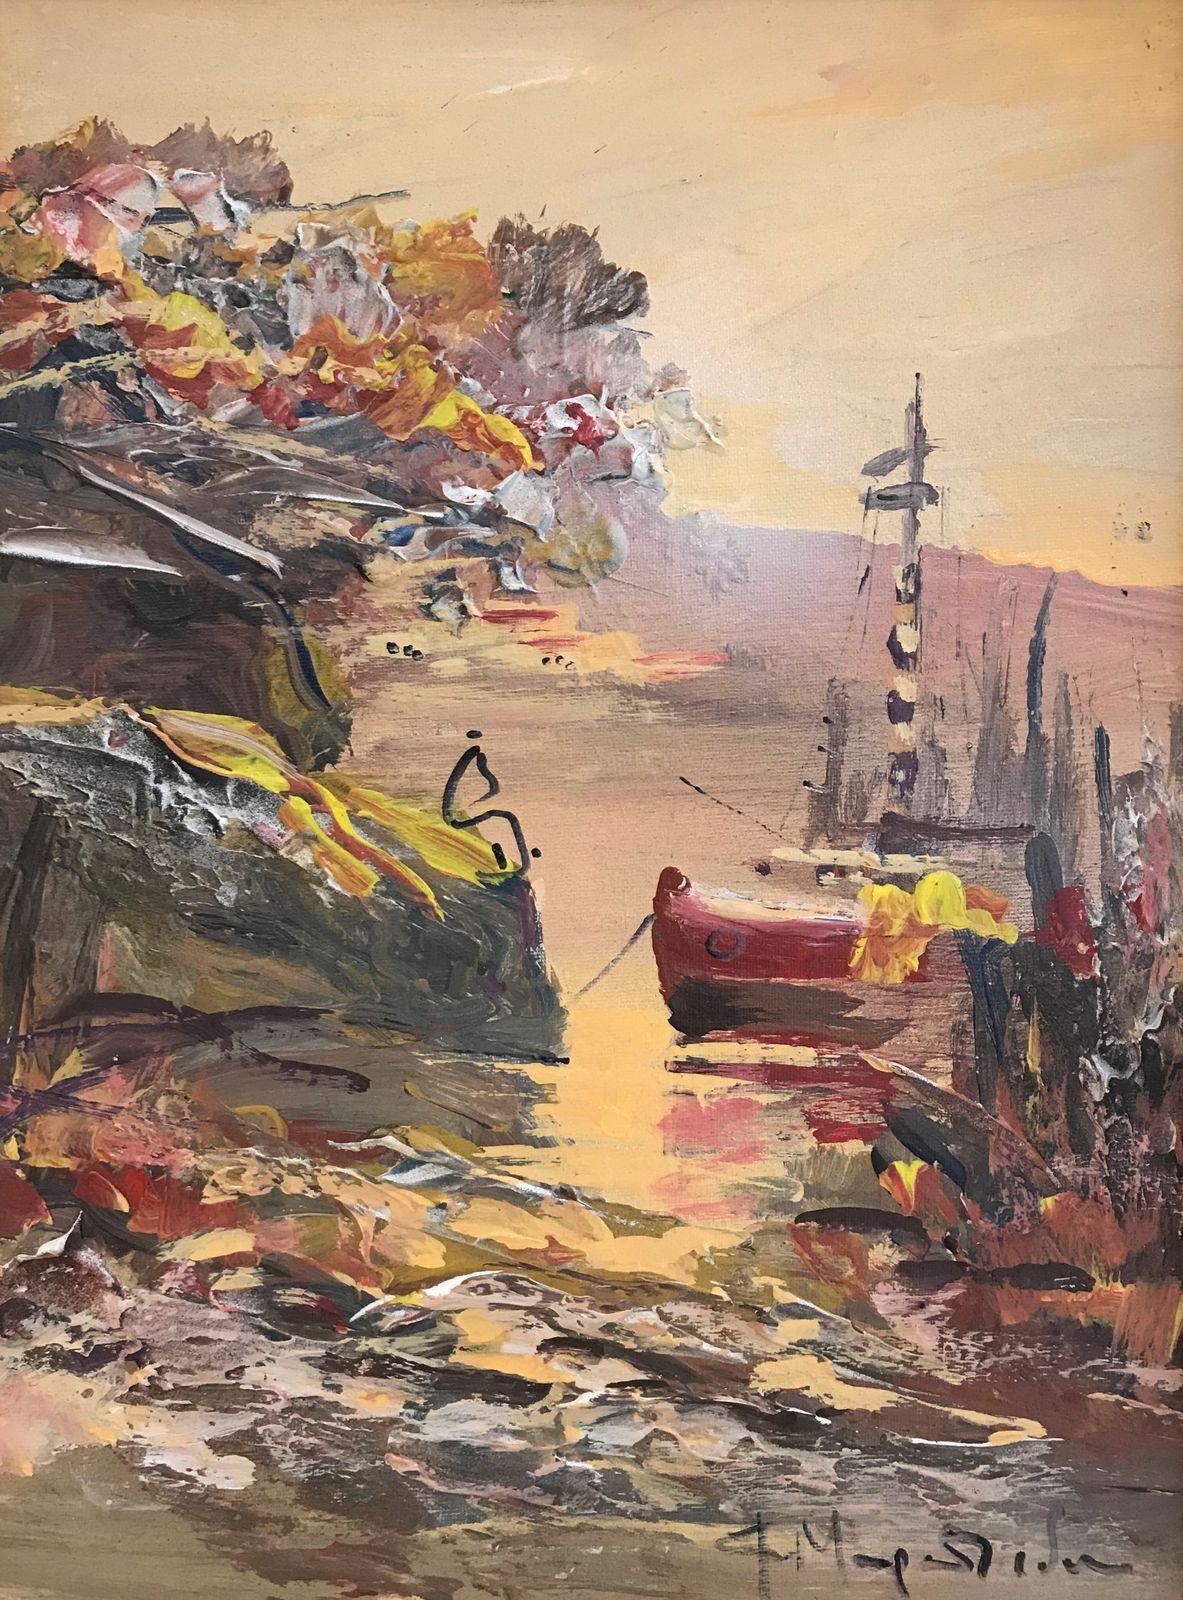 Φώφη Μουρατίδου 30×40 εκ. Ακρυλικά σε καμβά Fofi Mouratidou 30×40 cm Acrylics on canvas